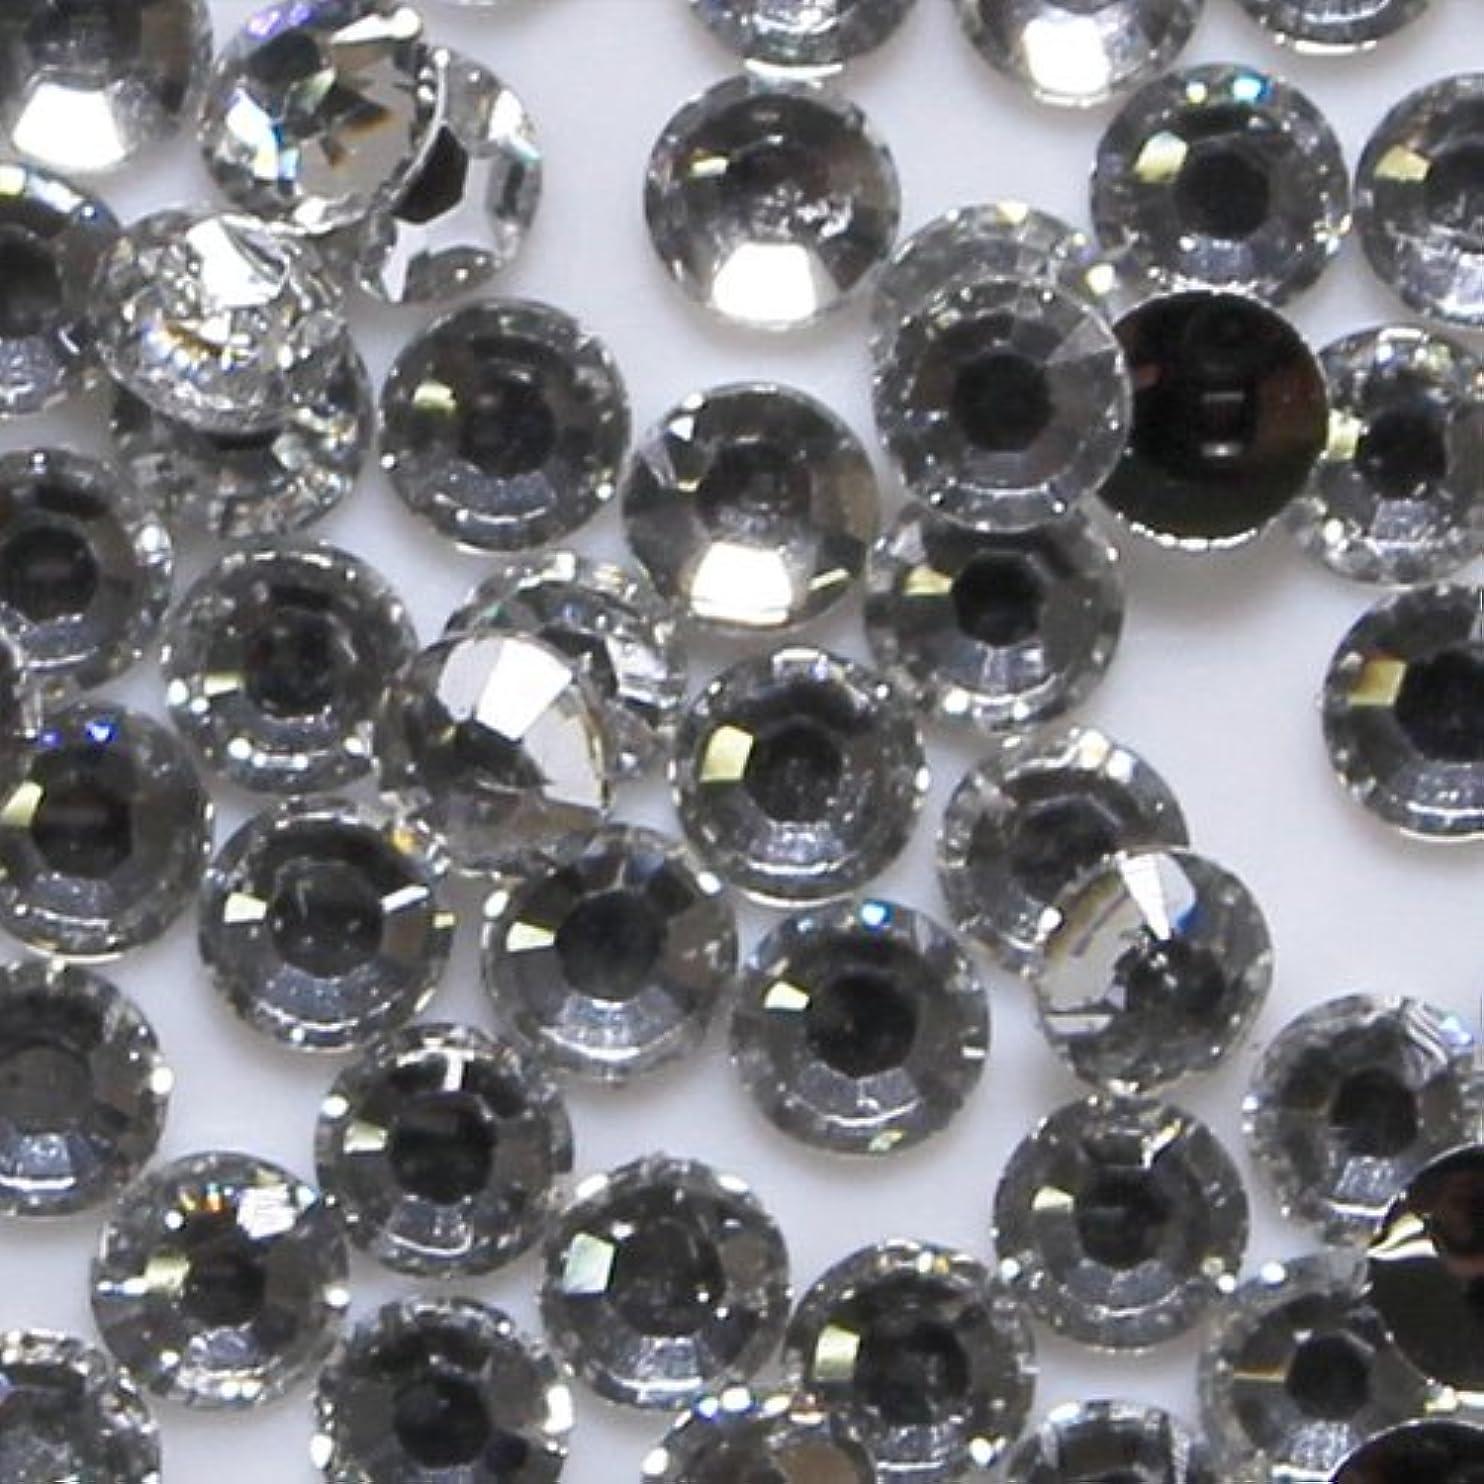 ディスコバケツ後高品質 アクリルストーン ラインストーン ラウンドフラット 約1000粒入り 4mm ダイヤモンド